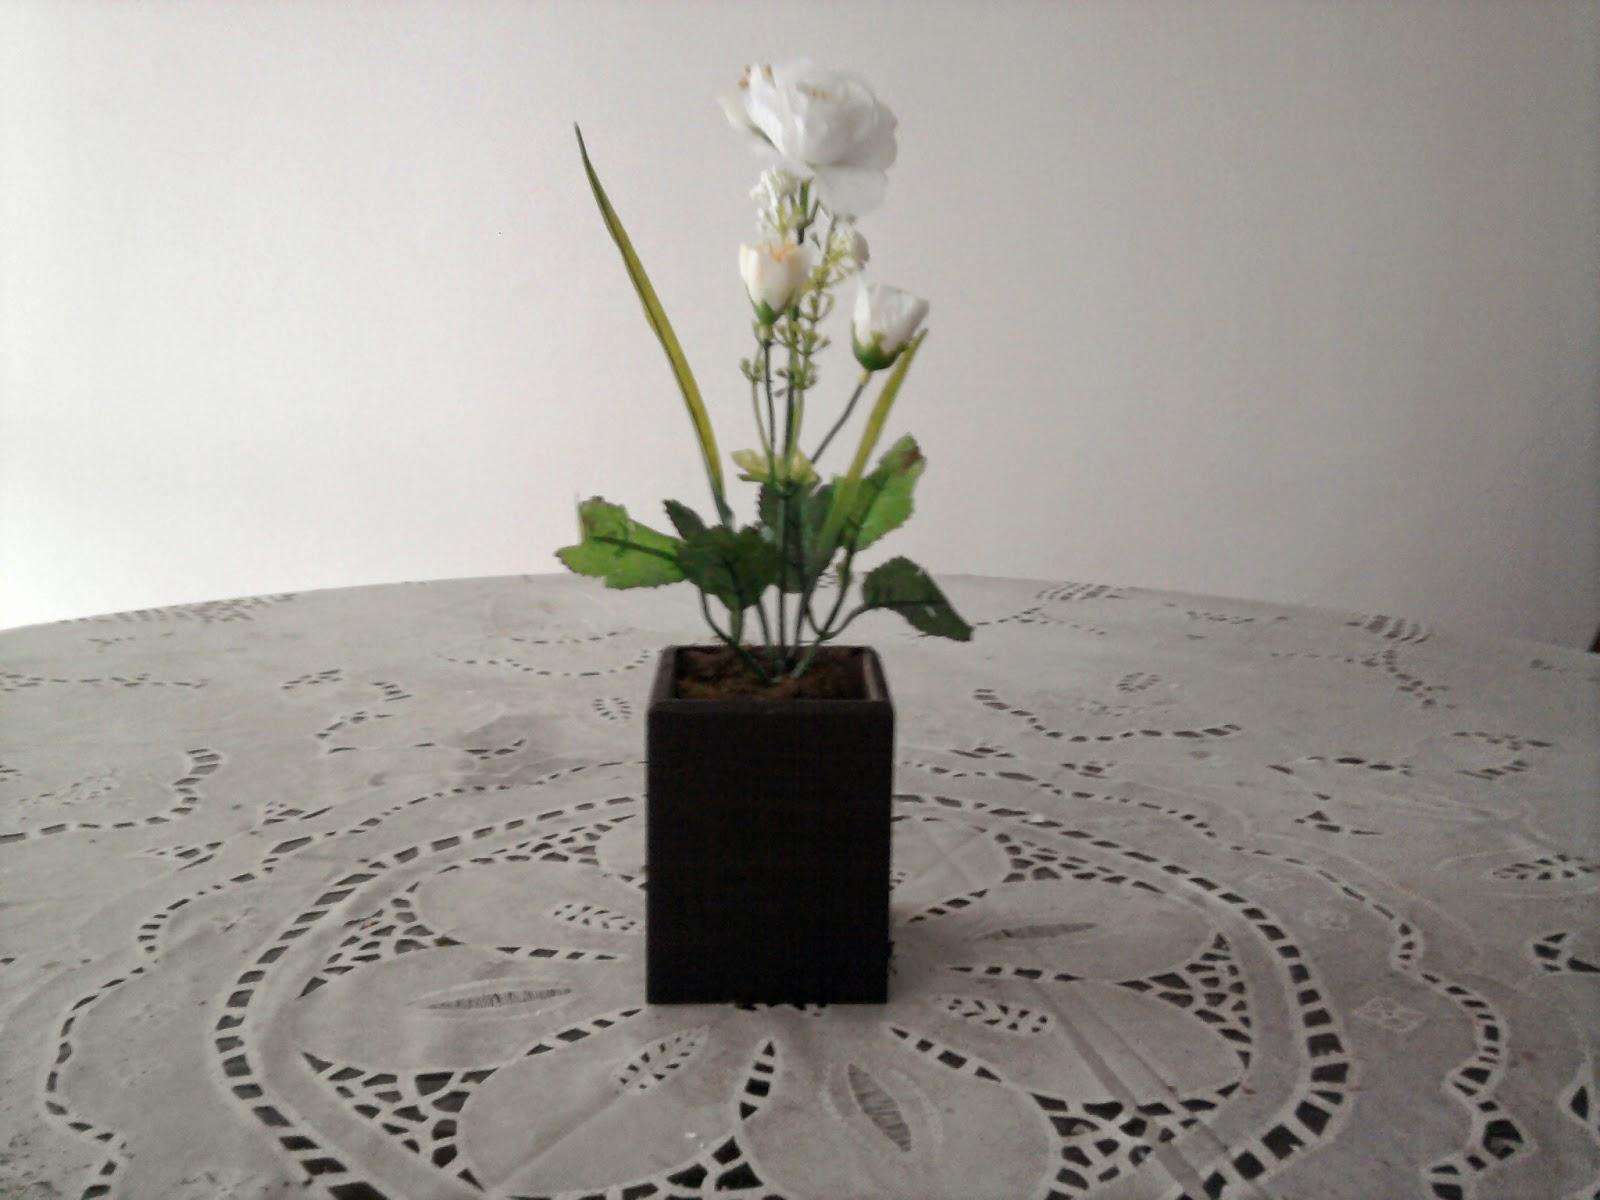 Arreglos florales artificiales para toda ocasi n - Arreglos florales artificiales para casa ...